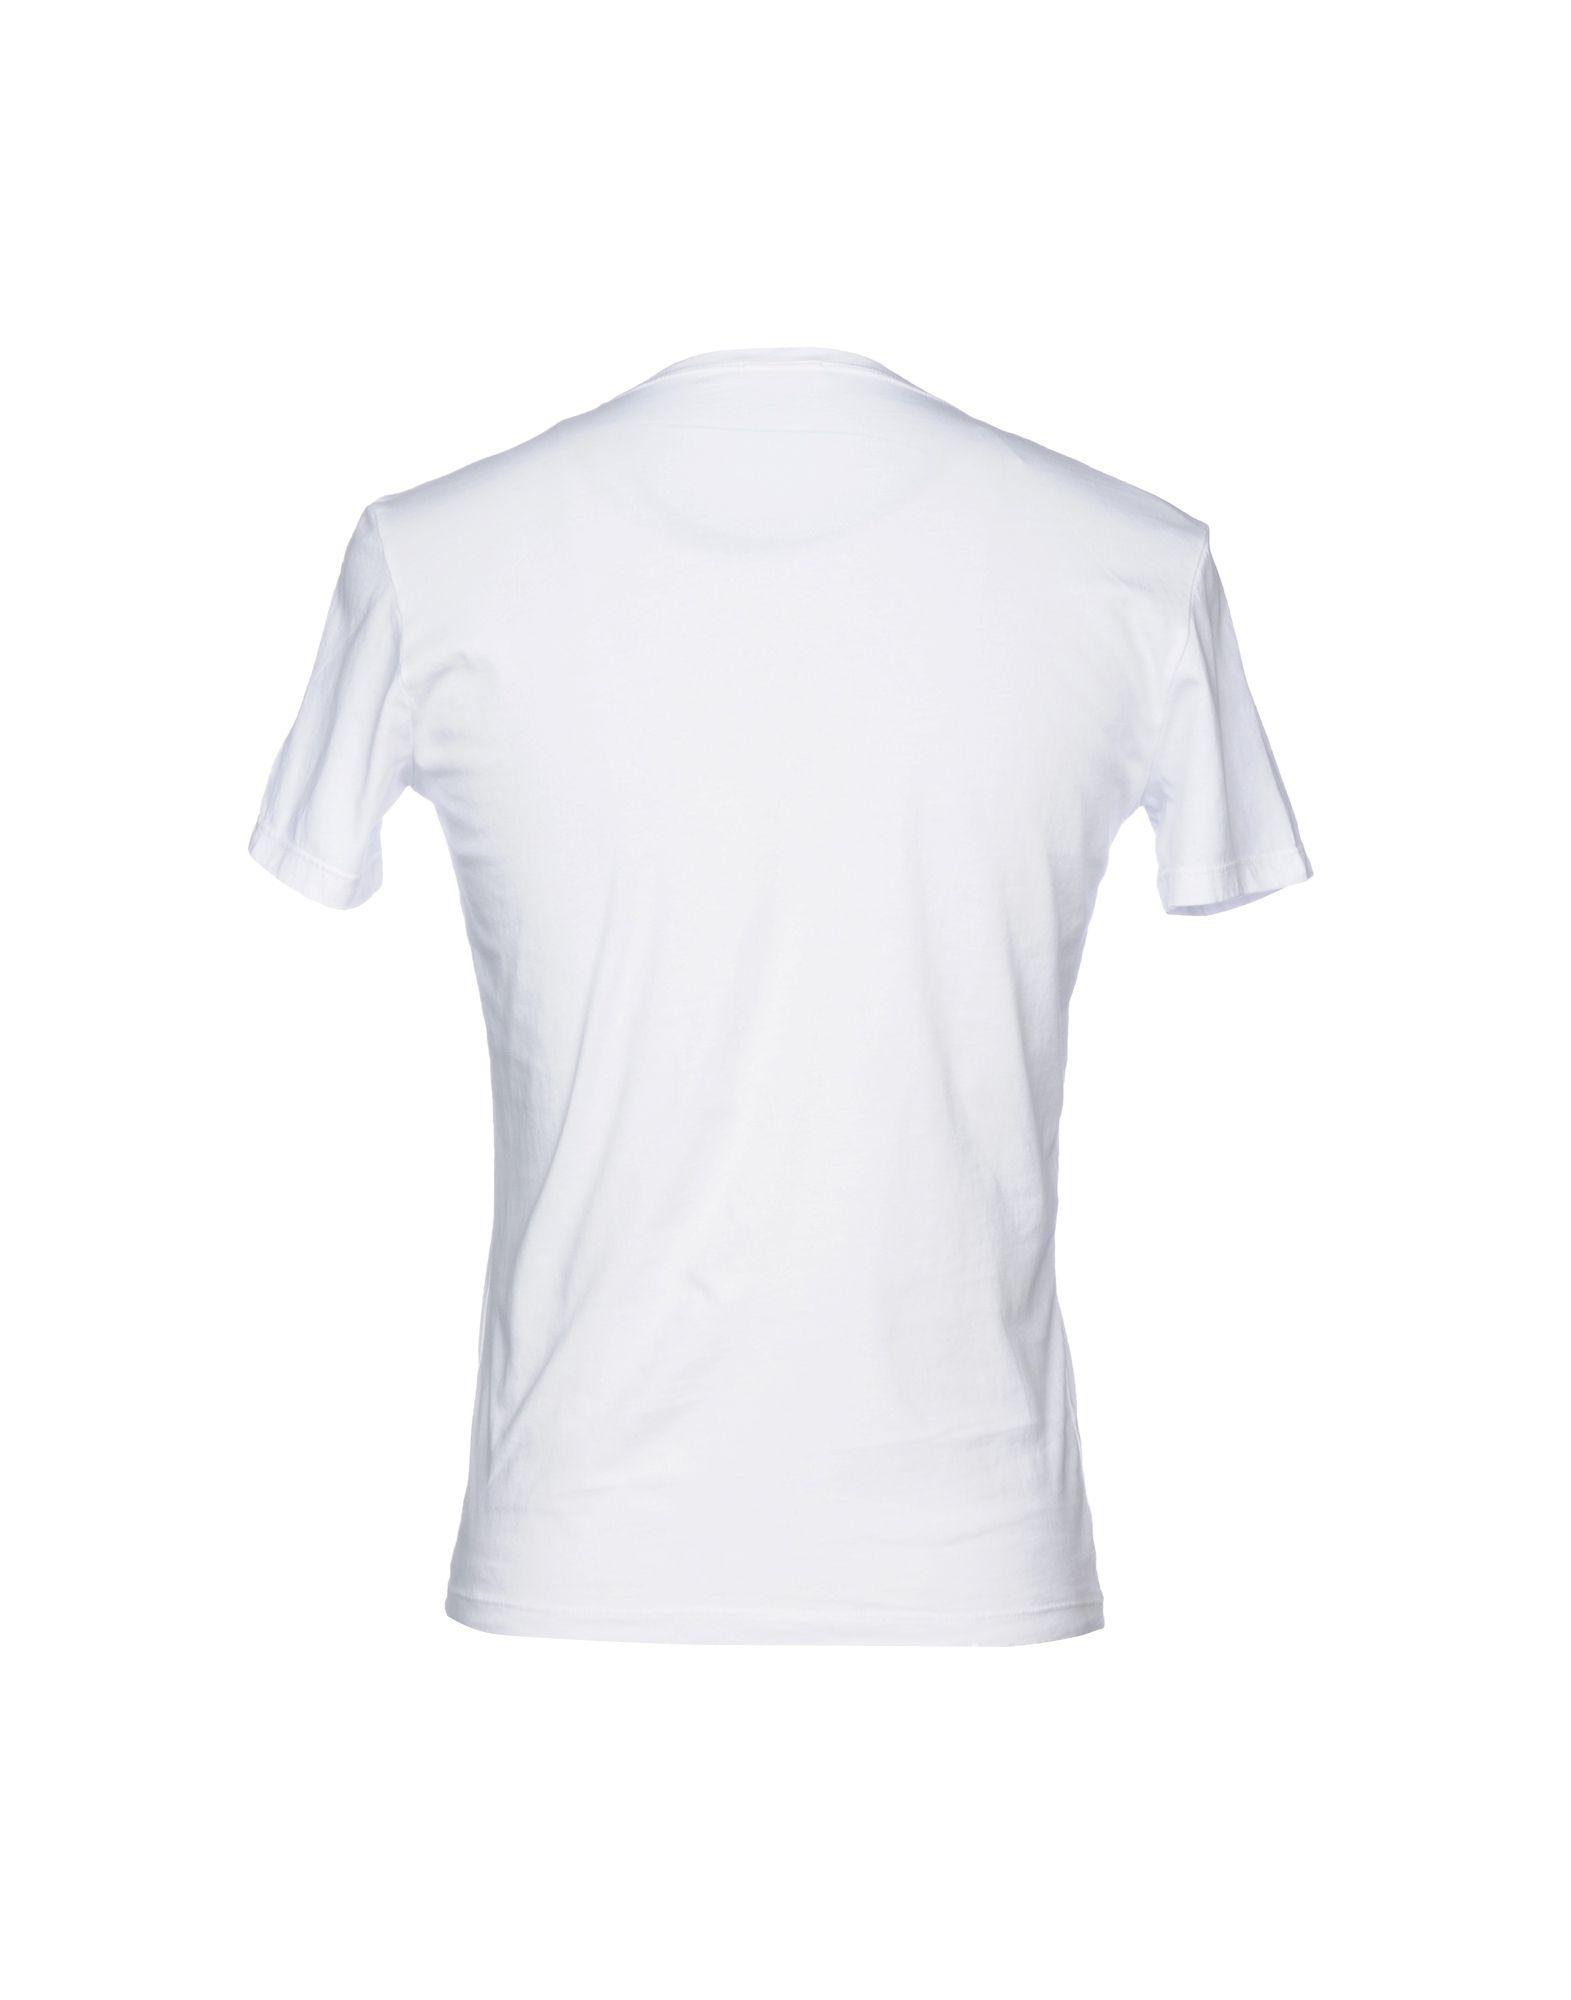 A - buon mercato A buon mercato T-Shirt ..,Beaucoup Uomo - A 12193225QE 1a3d86